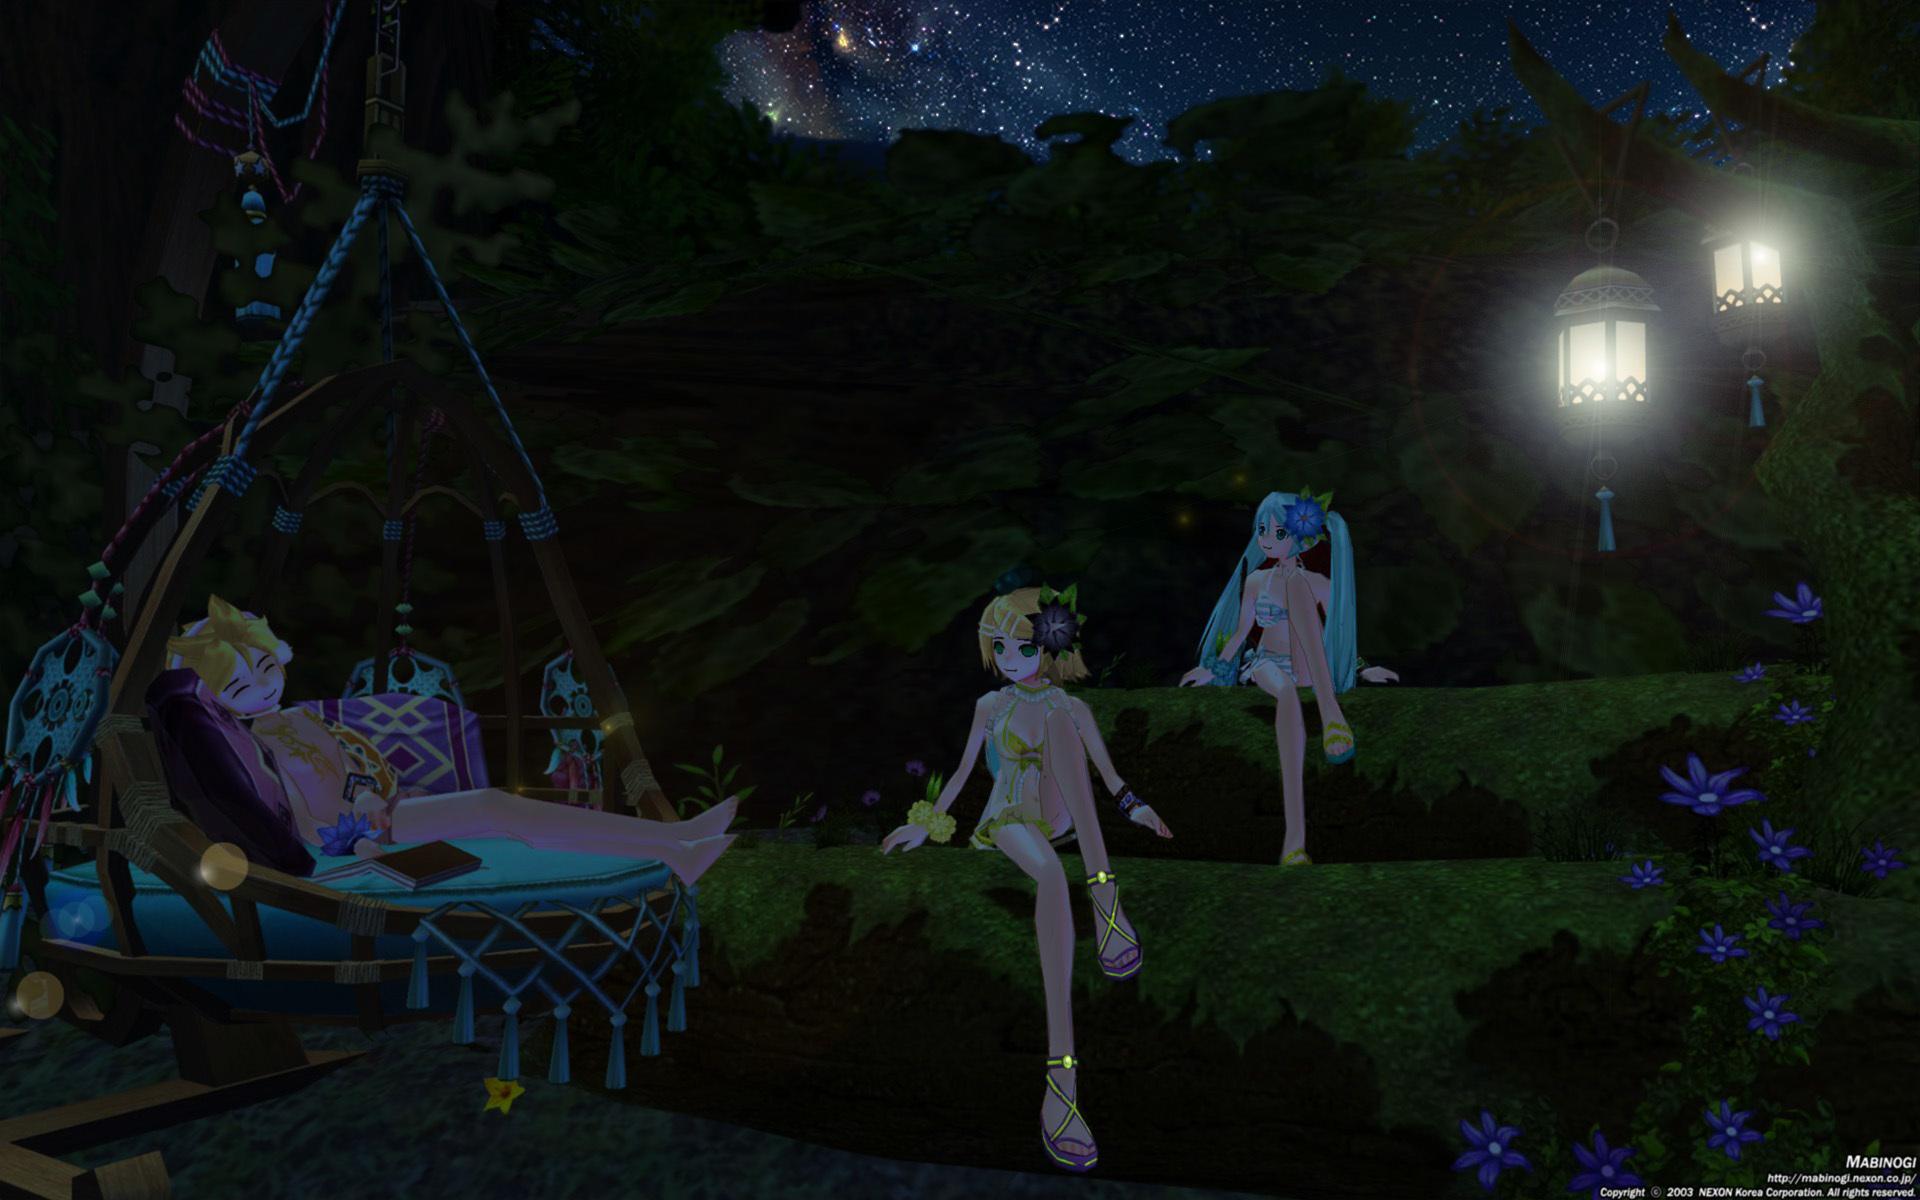 カルーの森でミク、リン、レン3